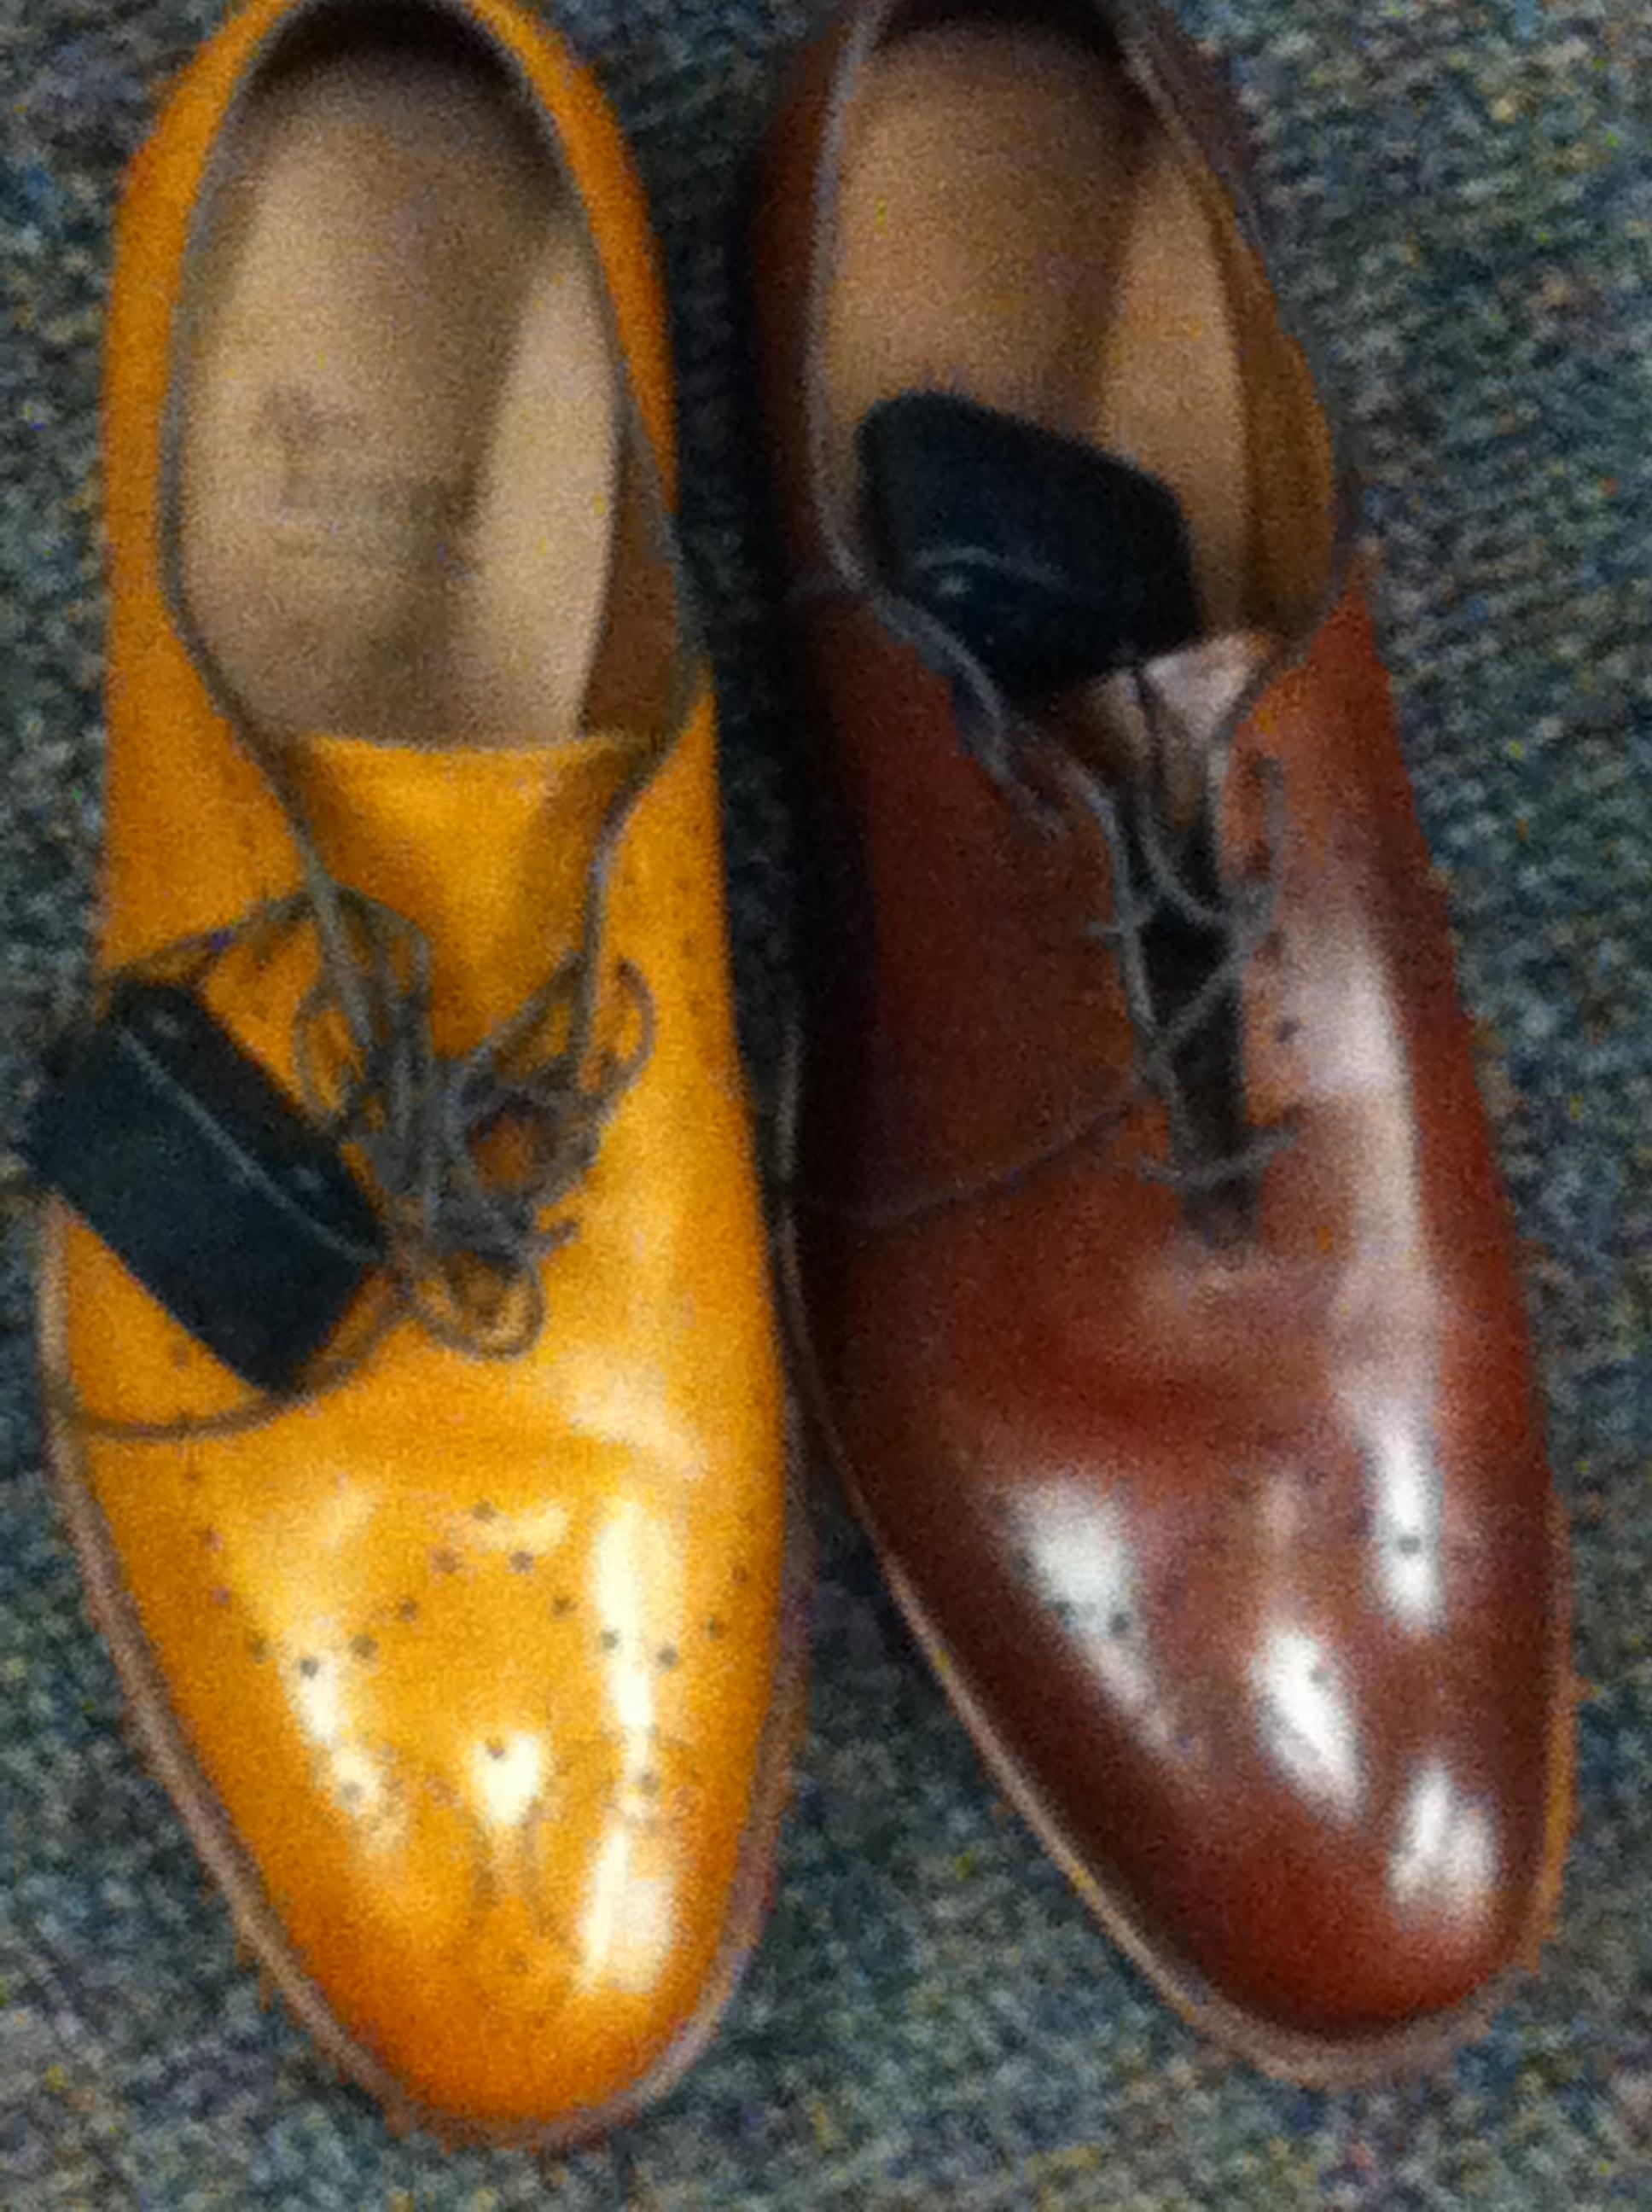 Shoes for Ebay 052.jpg